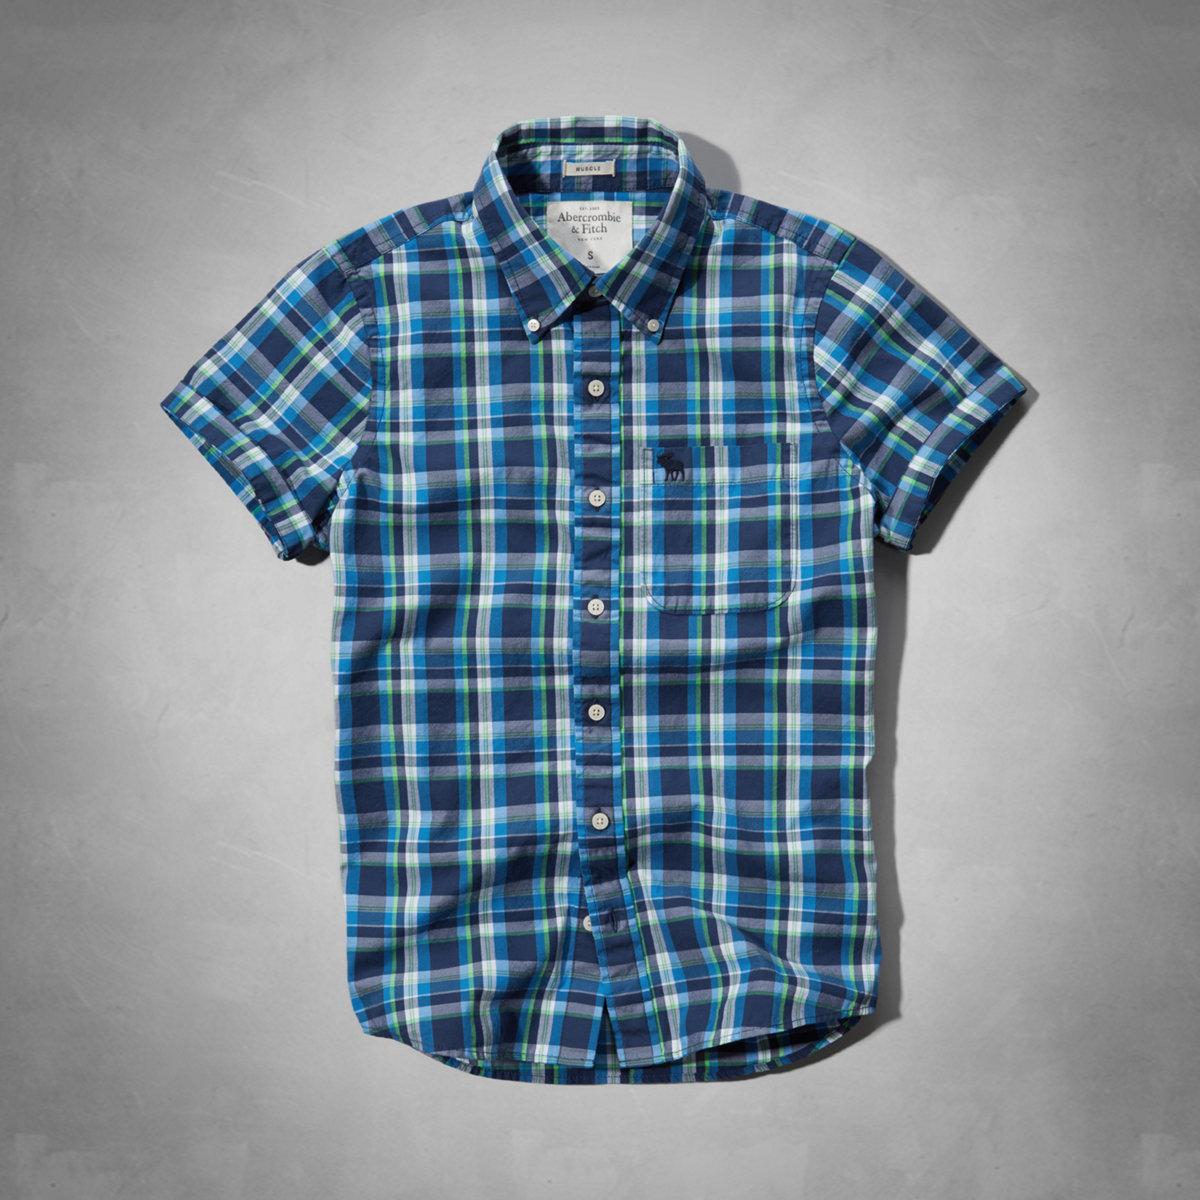 美國百分百【Abercrombie & Fitch】襯衫 AF 短袖 上衣 麋鹿 休閒 藍 綠 格紋 男衣 M E256